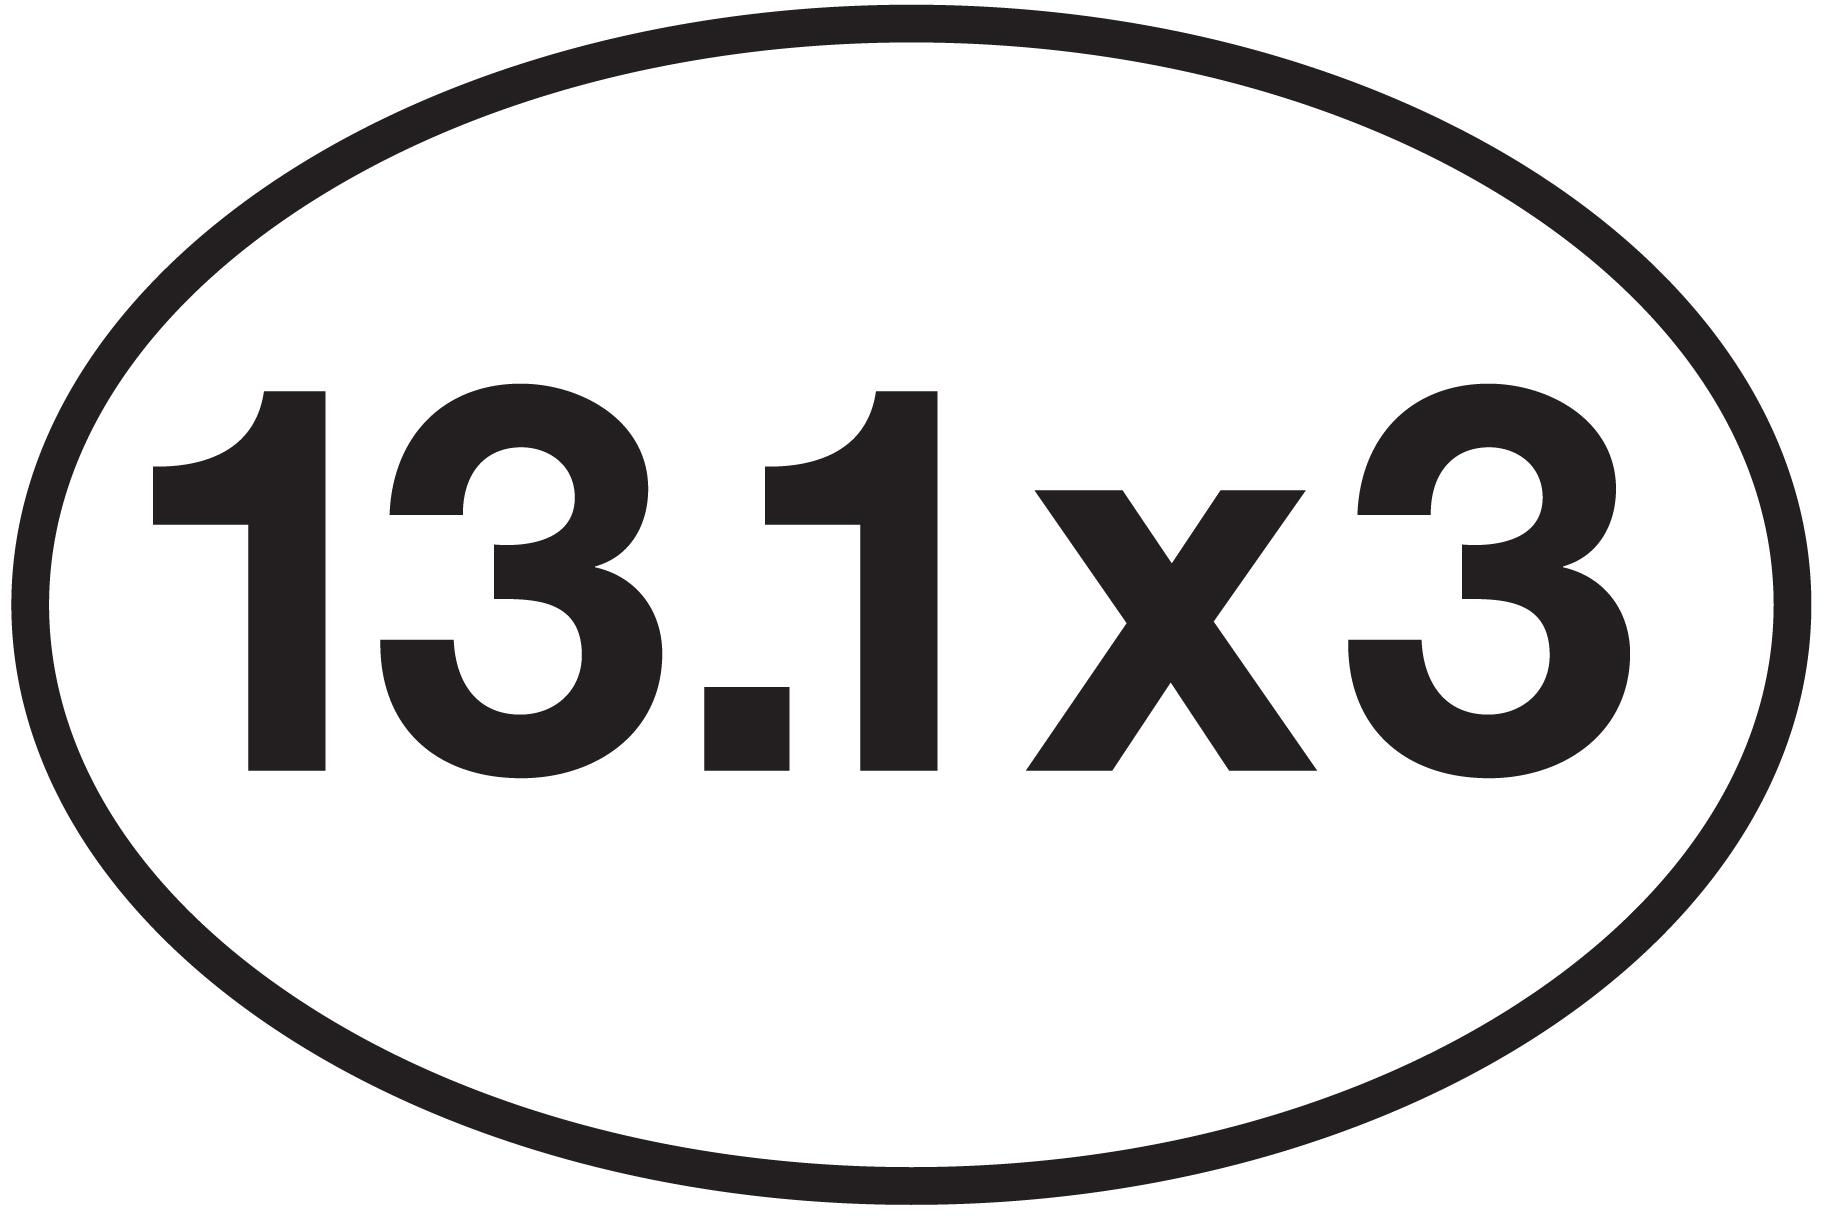 13 1 x 3 sticker 0